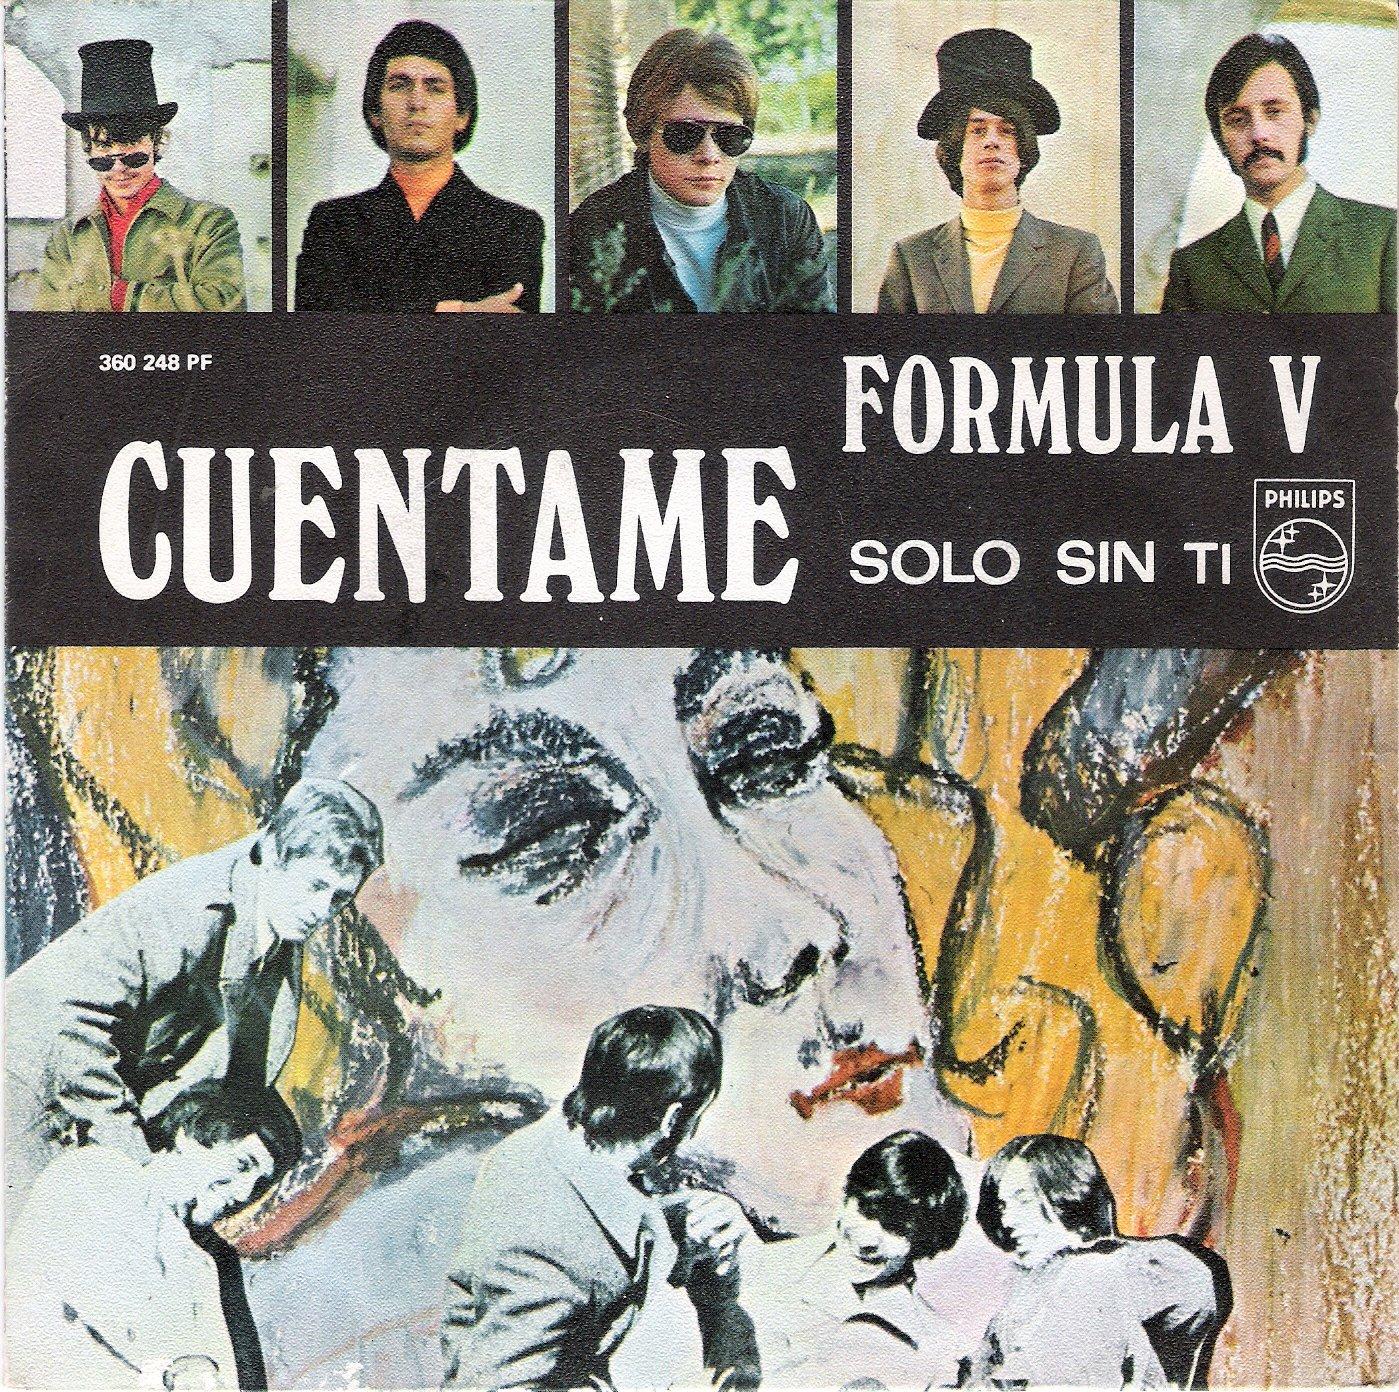 Formula V Cuentame Solo Sin Ti Amazoncom Music